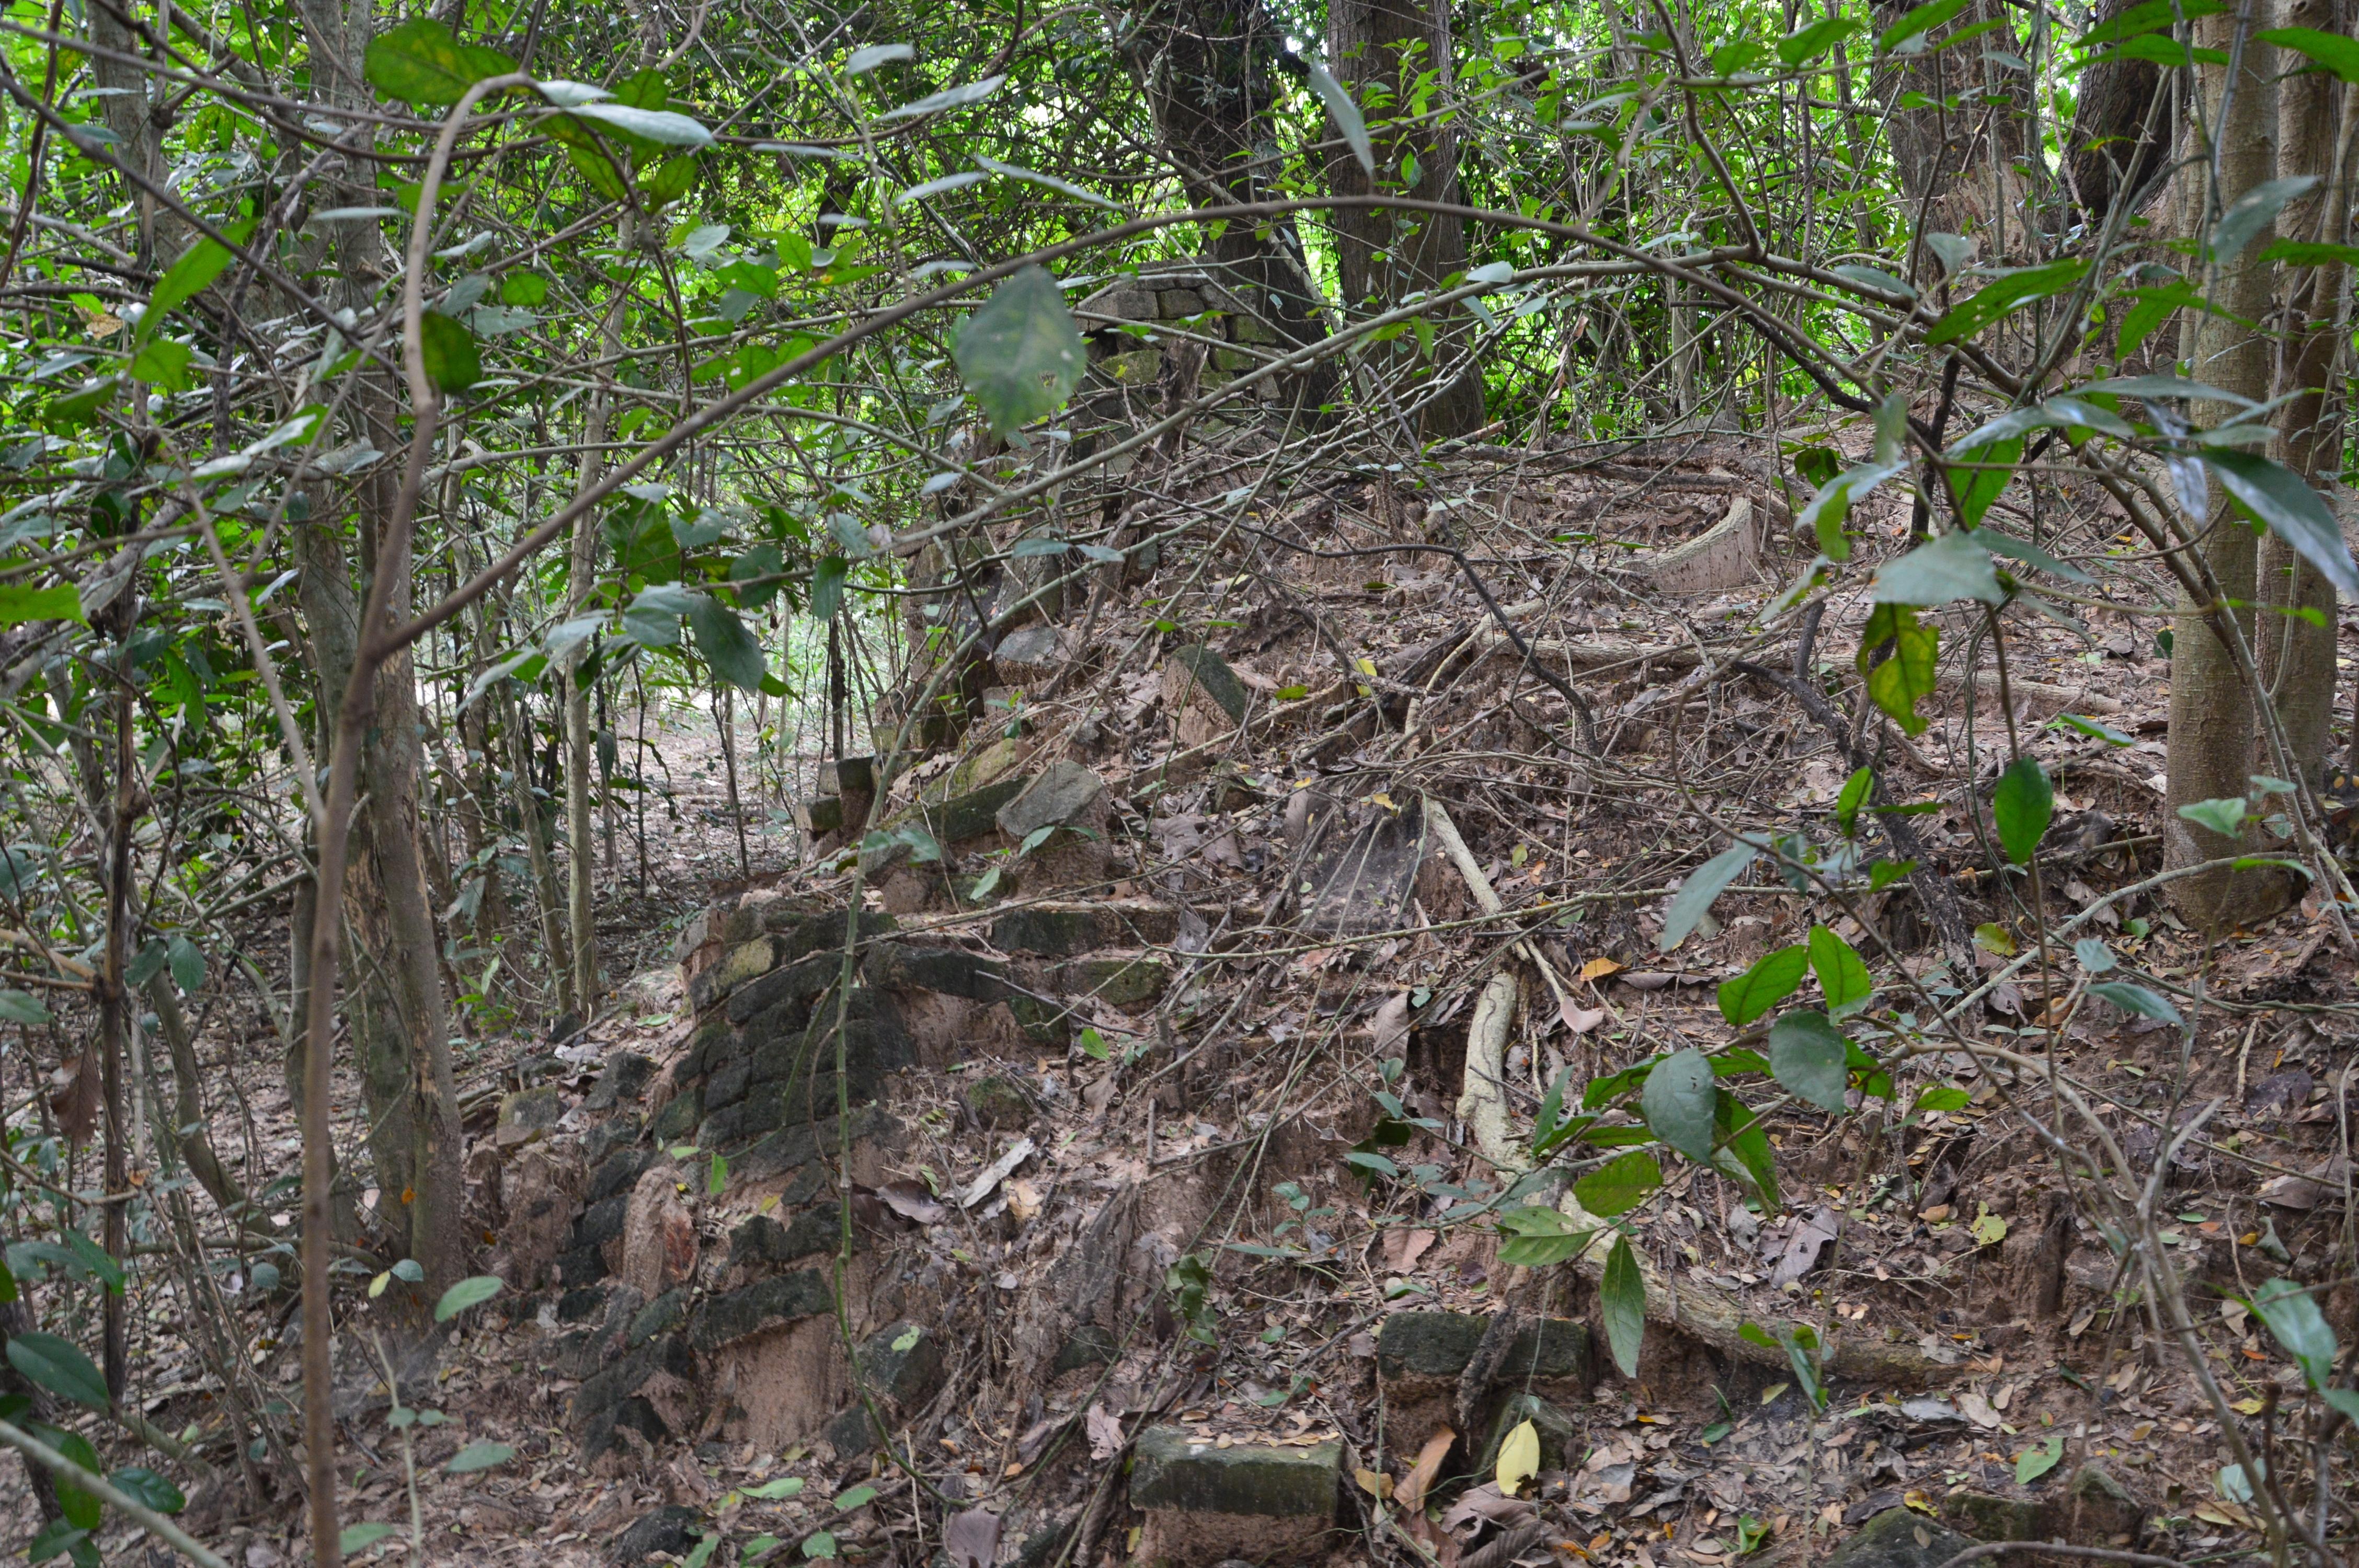 ผลการตรวจสอบโบราณสถานดอนปู่ตา บ้านหนองไฮ ตำบลหนองอีปาด อำเภอกันทรารมย์ จังหวัดศรีสะเกษ